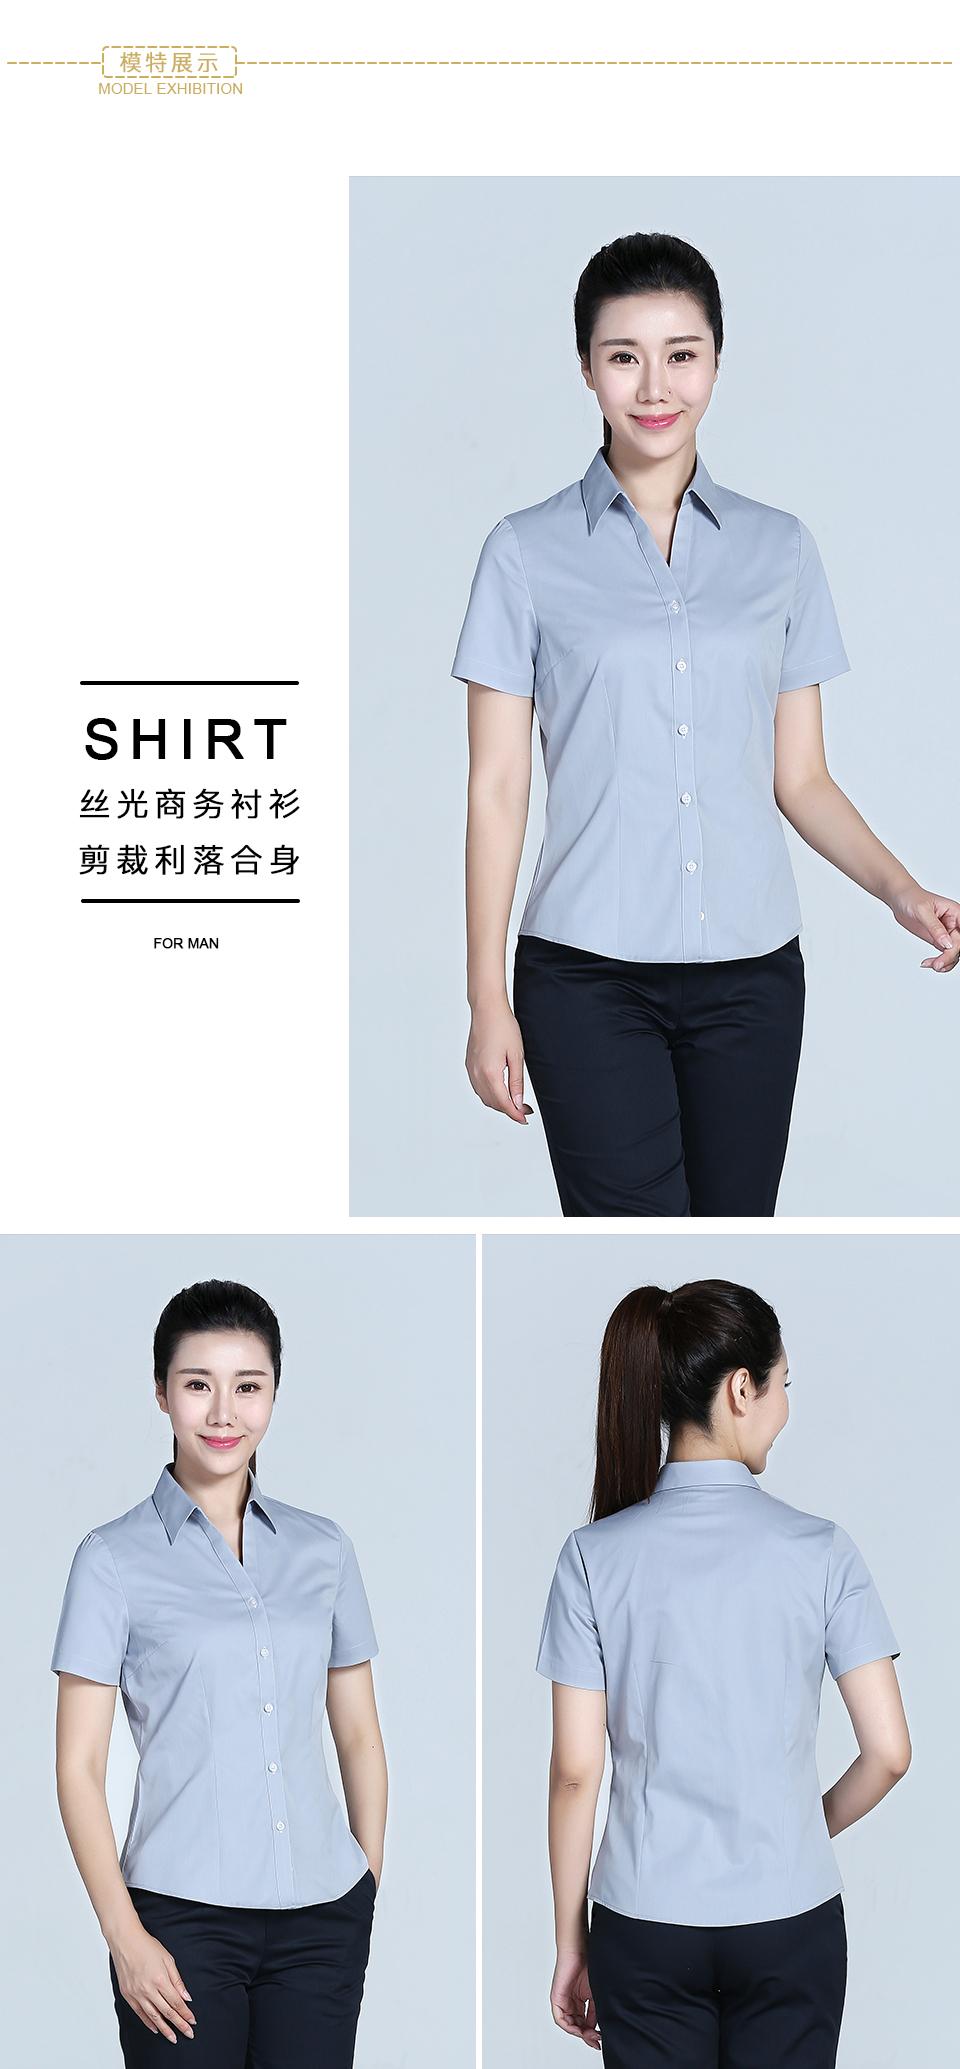 衬衫中灰女浅灰V领短袖衬衫